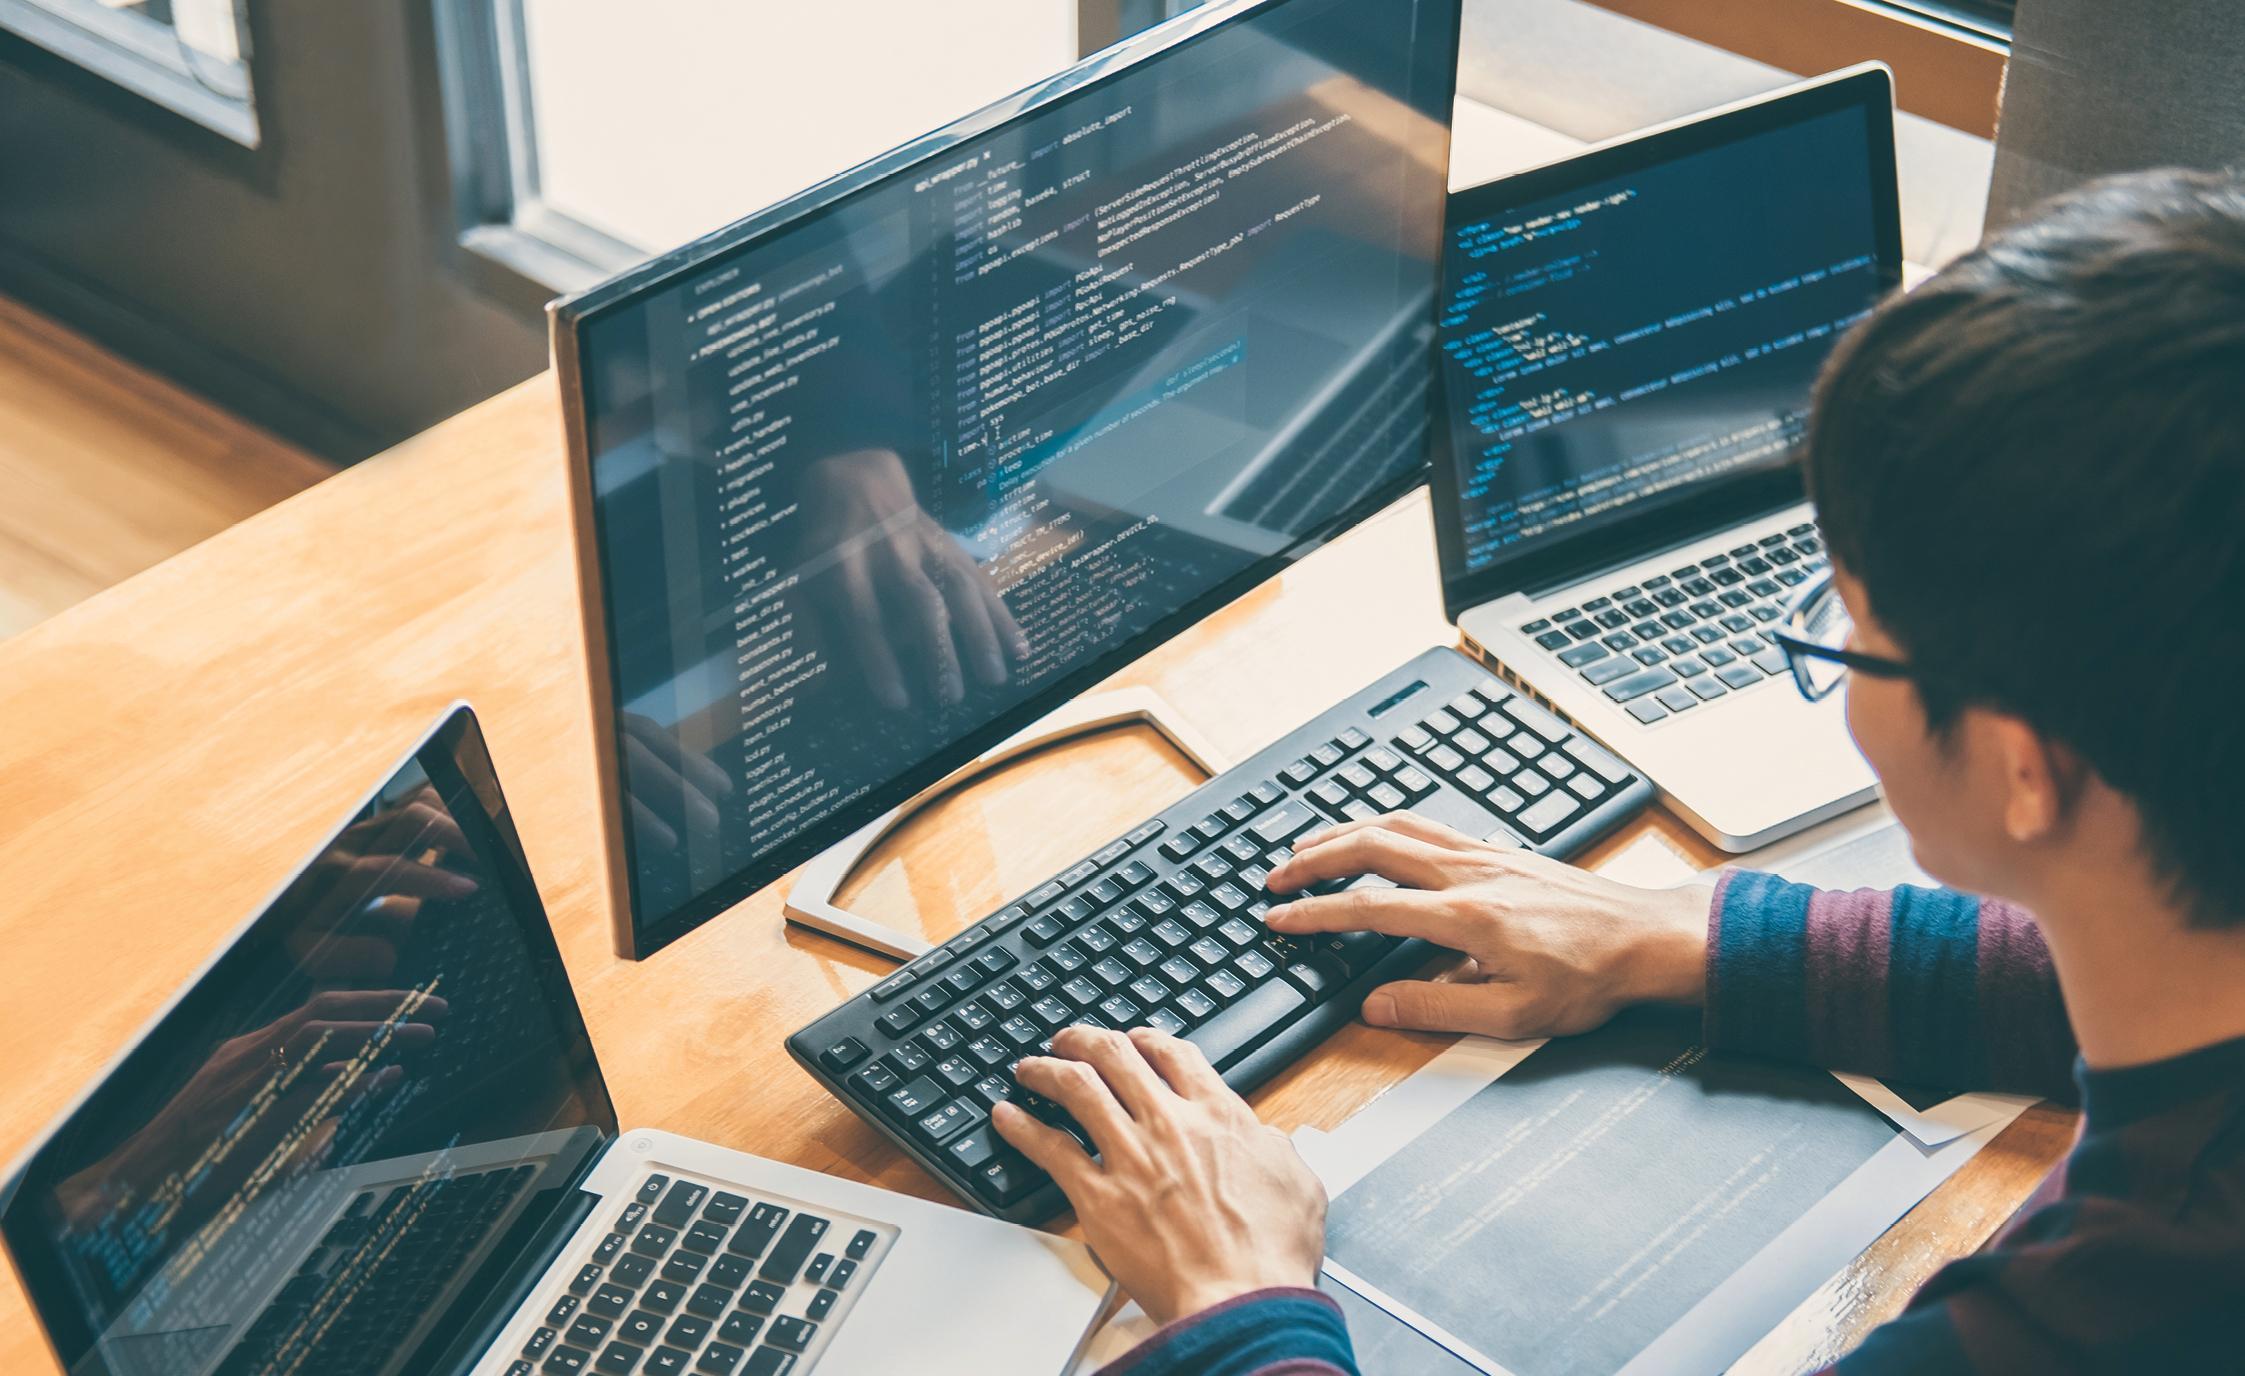 Ubuntu - Debianベースで、初心者に最適なLinuxディストリビューション。キャリアや仕事のためではなく、日常的にコンピュータを使用するユーザーのために作られています。 Linux Mint - こちらもよく知られたLinuxディストリビューション。非常に多くの人々に使用されており、その主な目的は理想的なオペレーティングシステムを作ることです。エレガントで使いやすく、パワフルで効率的であるのが理想的です。 Debian - このLinuxディストリビューションの利点は、最も歴史が長いという点です。30年前、ソフトウェアやプログラミングの世界で話題となって以来、いくつかの他のオペレーティングシステムはこれをベースにしていました。